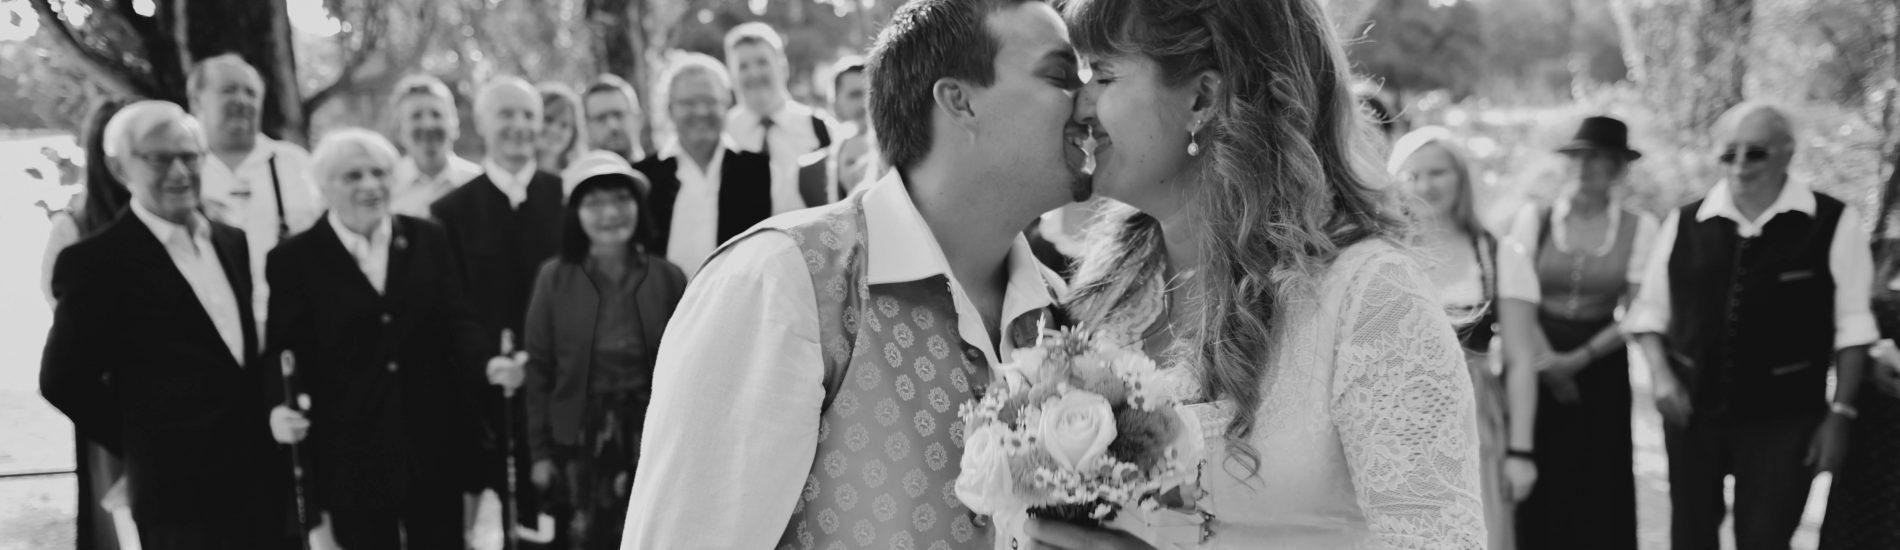 Wedding in Munich by KebyFilms